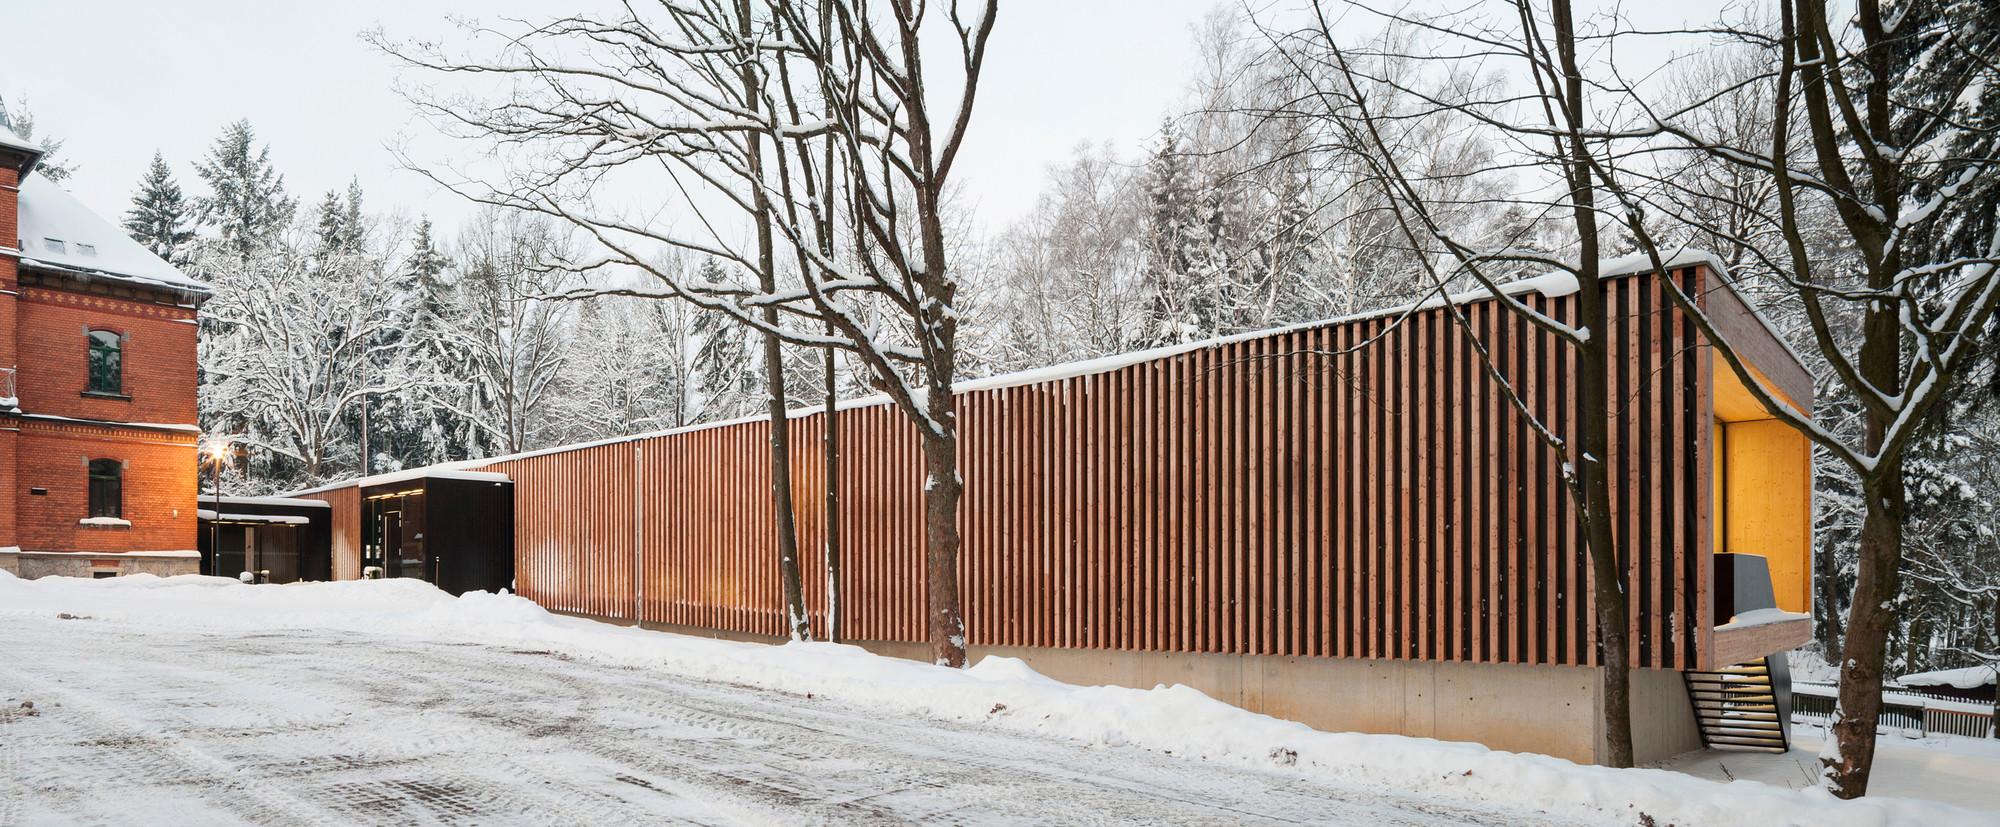 Community Centre / Beer Architektur Städtebau, © Fernando Alda